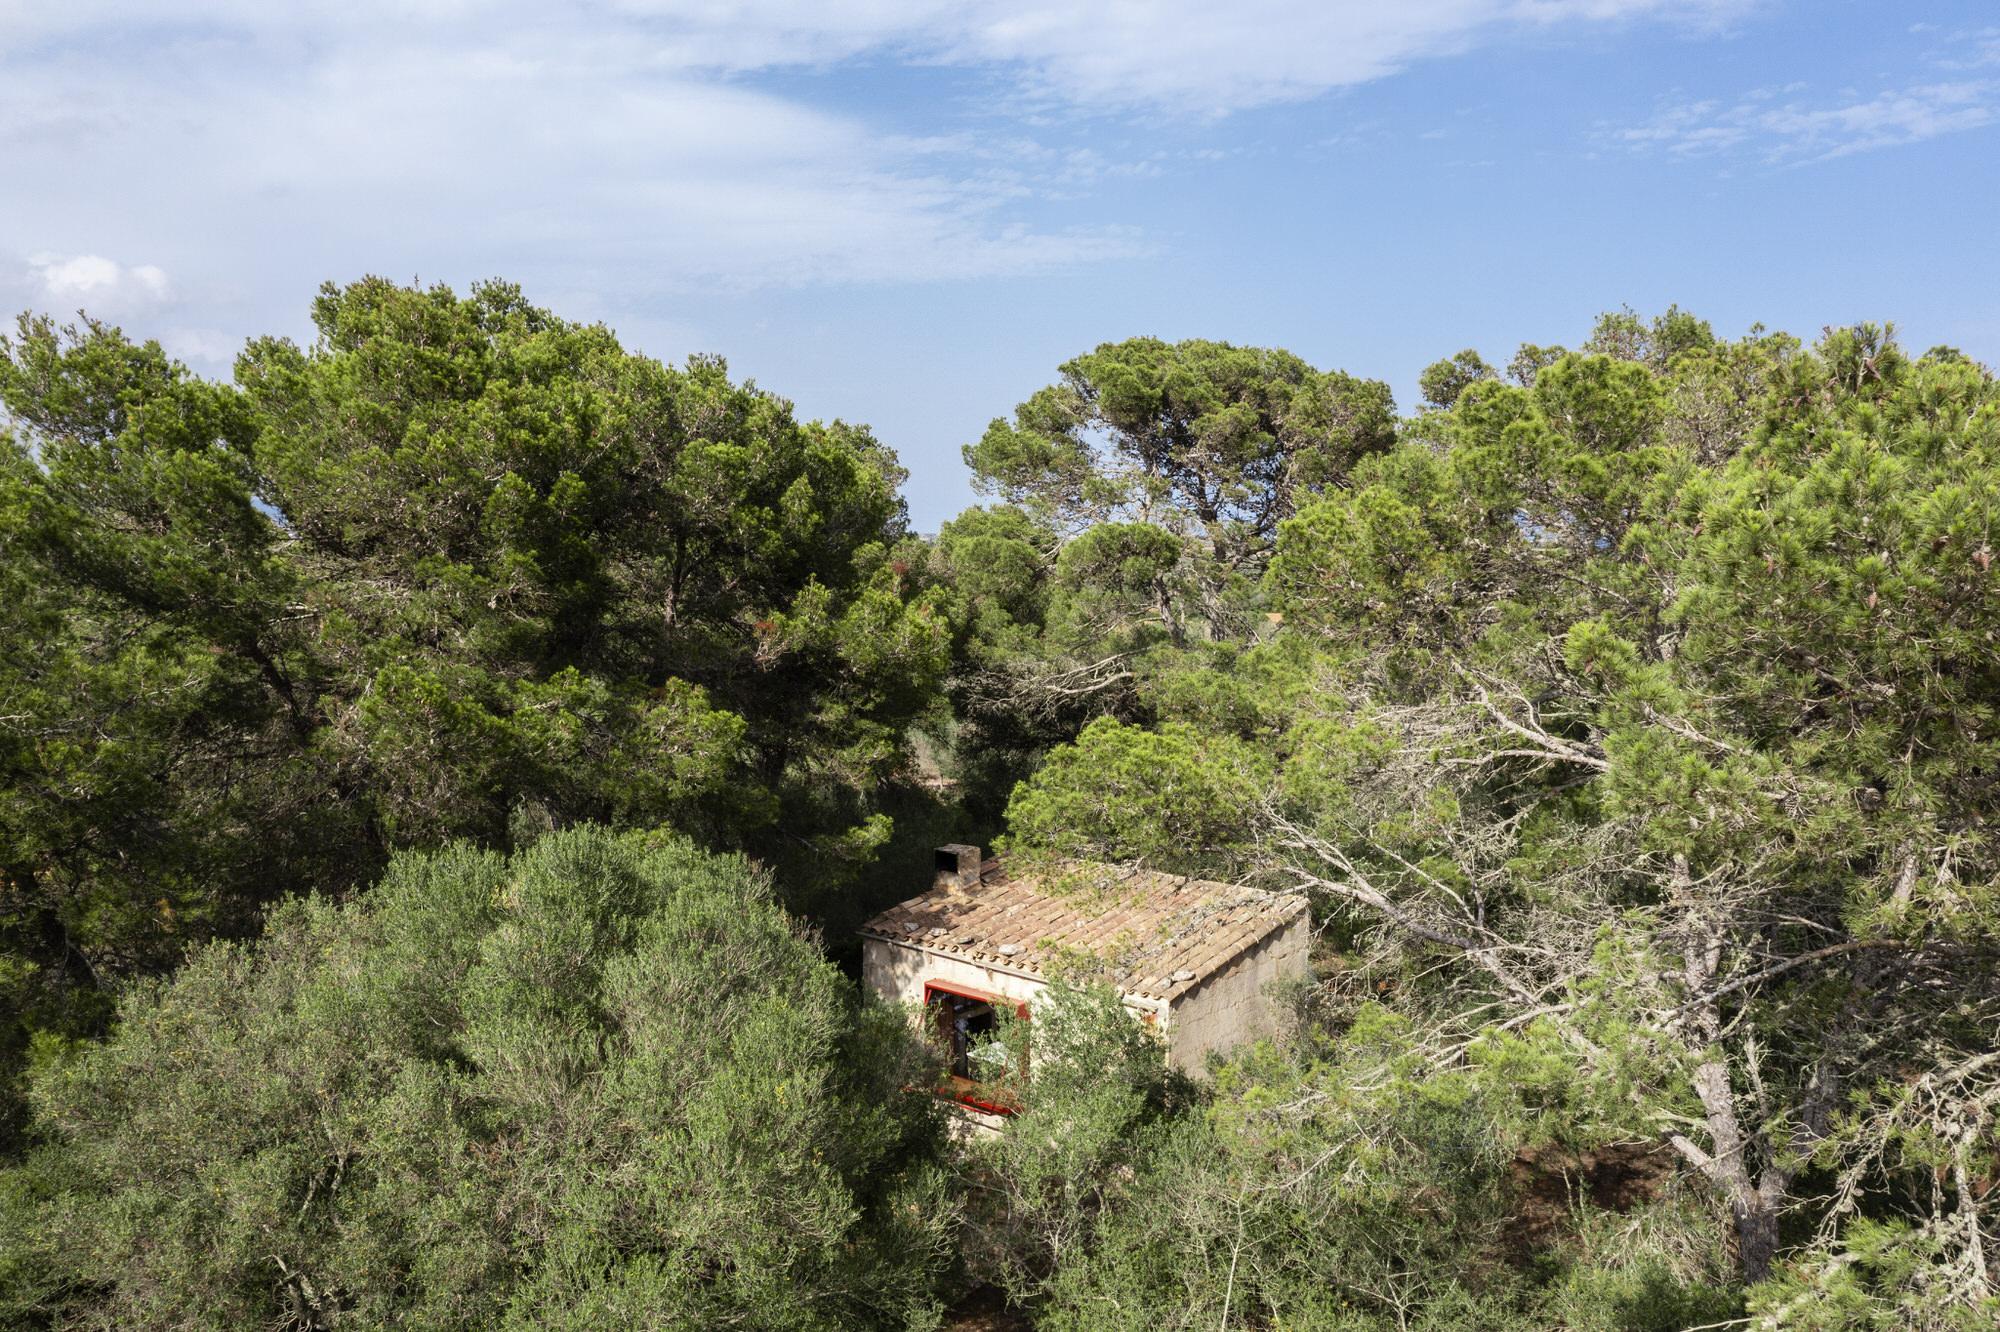 Mariana De Delas 12 Volt Retreat Palma De Mallorca Photo Tomeu Canyellas Yellowtrace 01